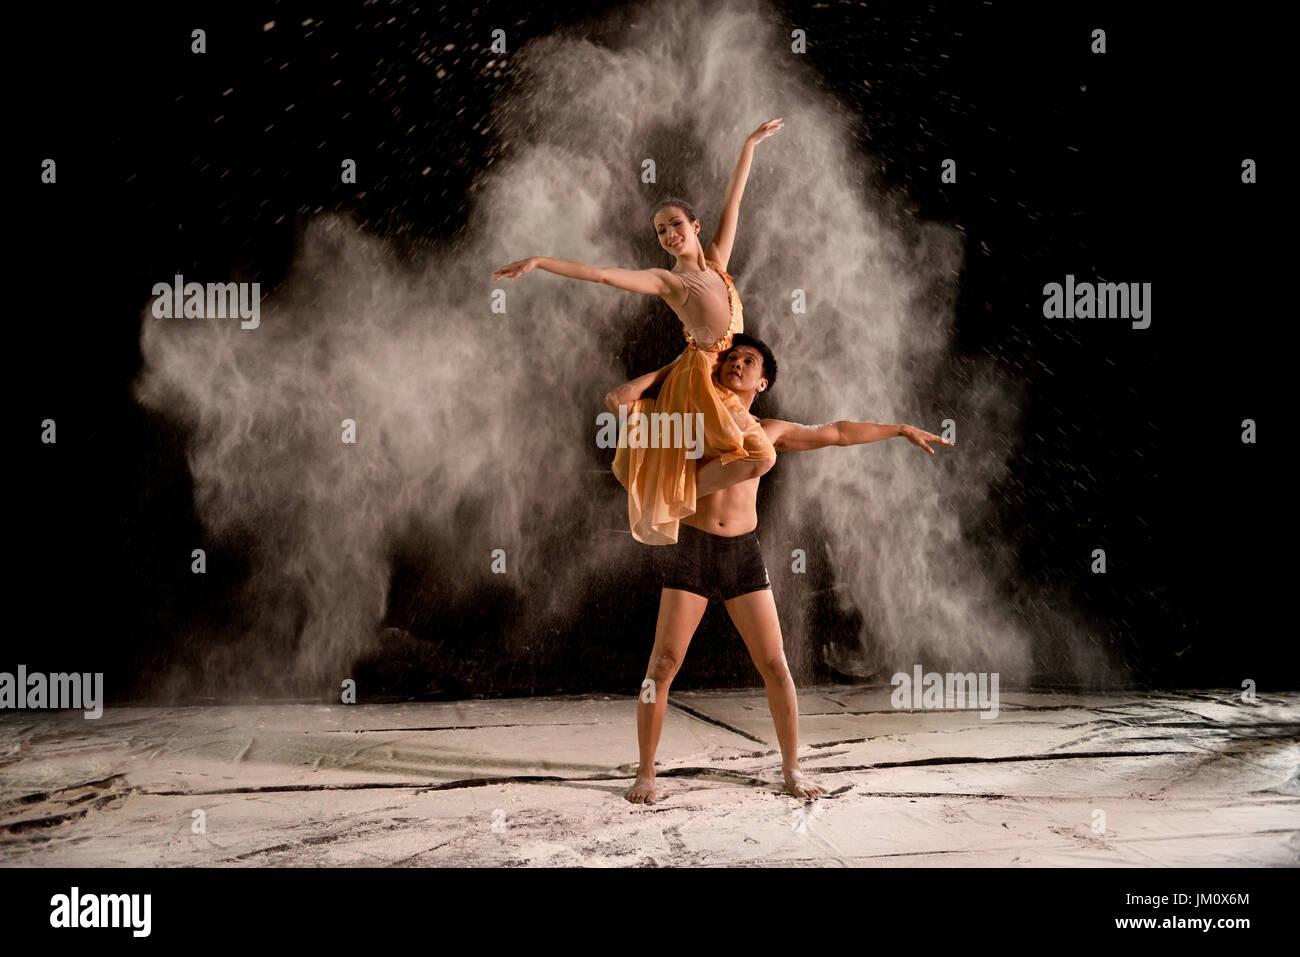 Pareja atractiva bailarina de ballet con polvo blanco en el aire contra el fondo negro Imagen De Stock